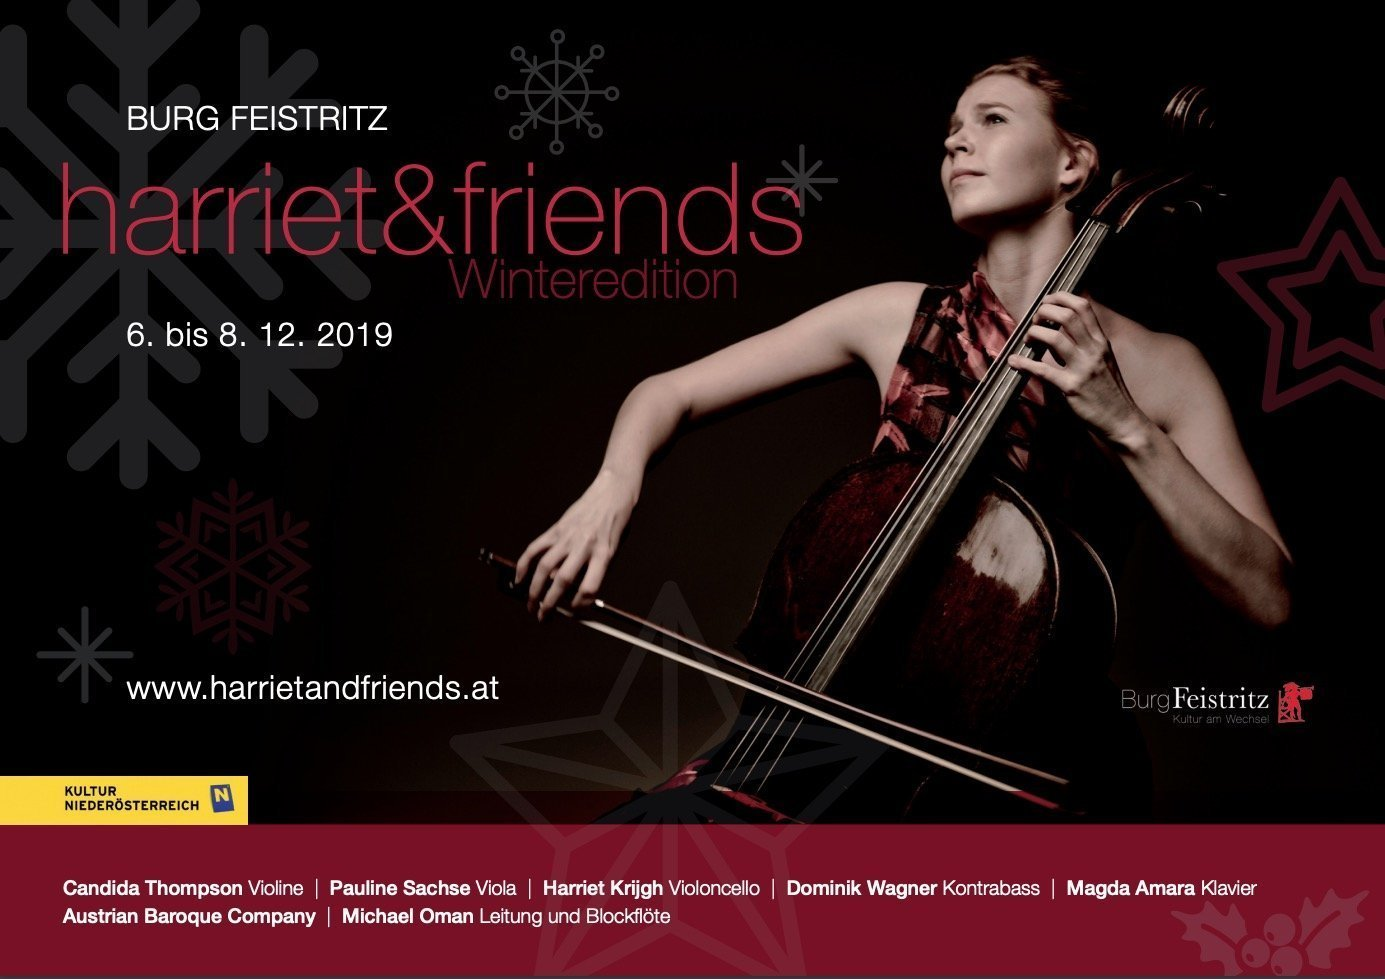 harriet&friends winter edition